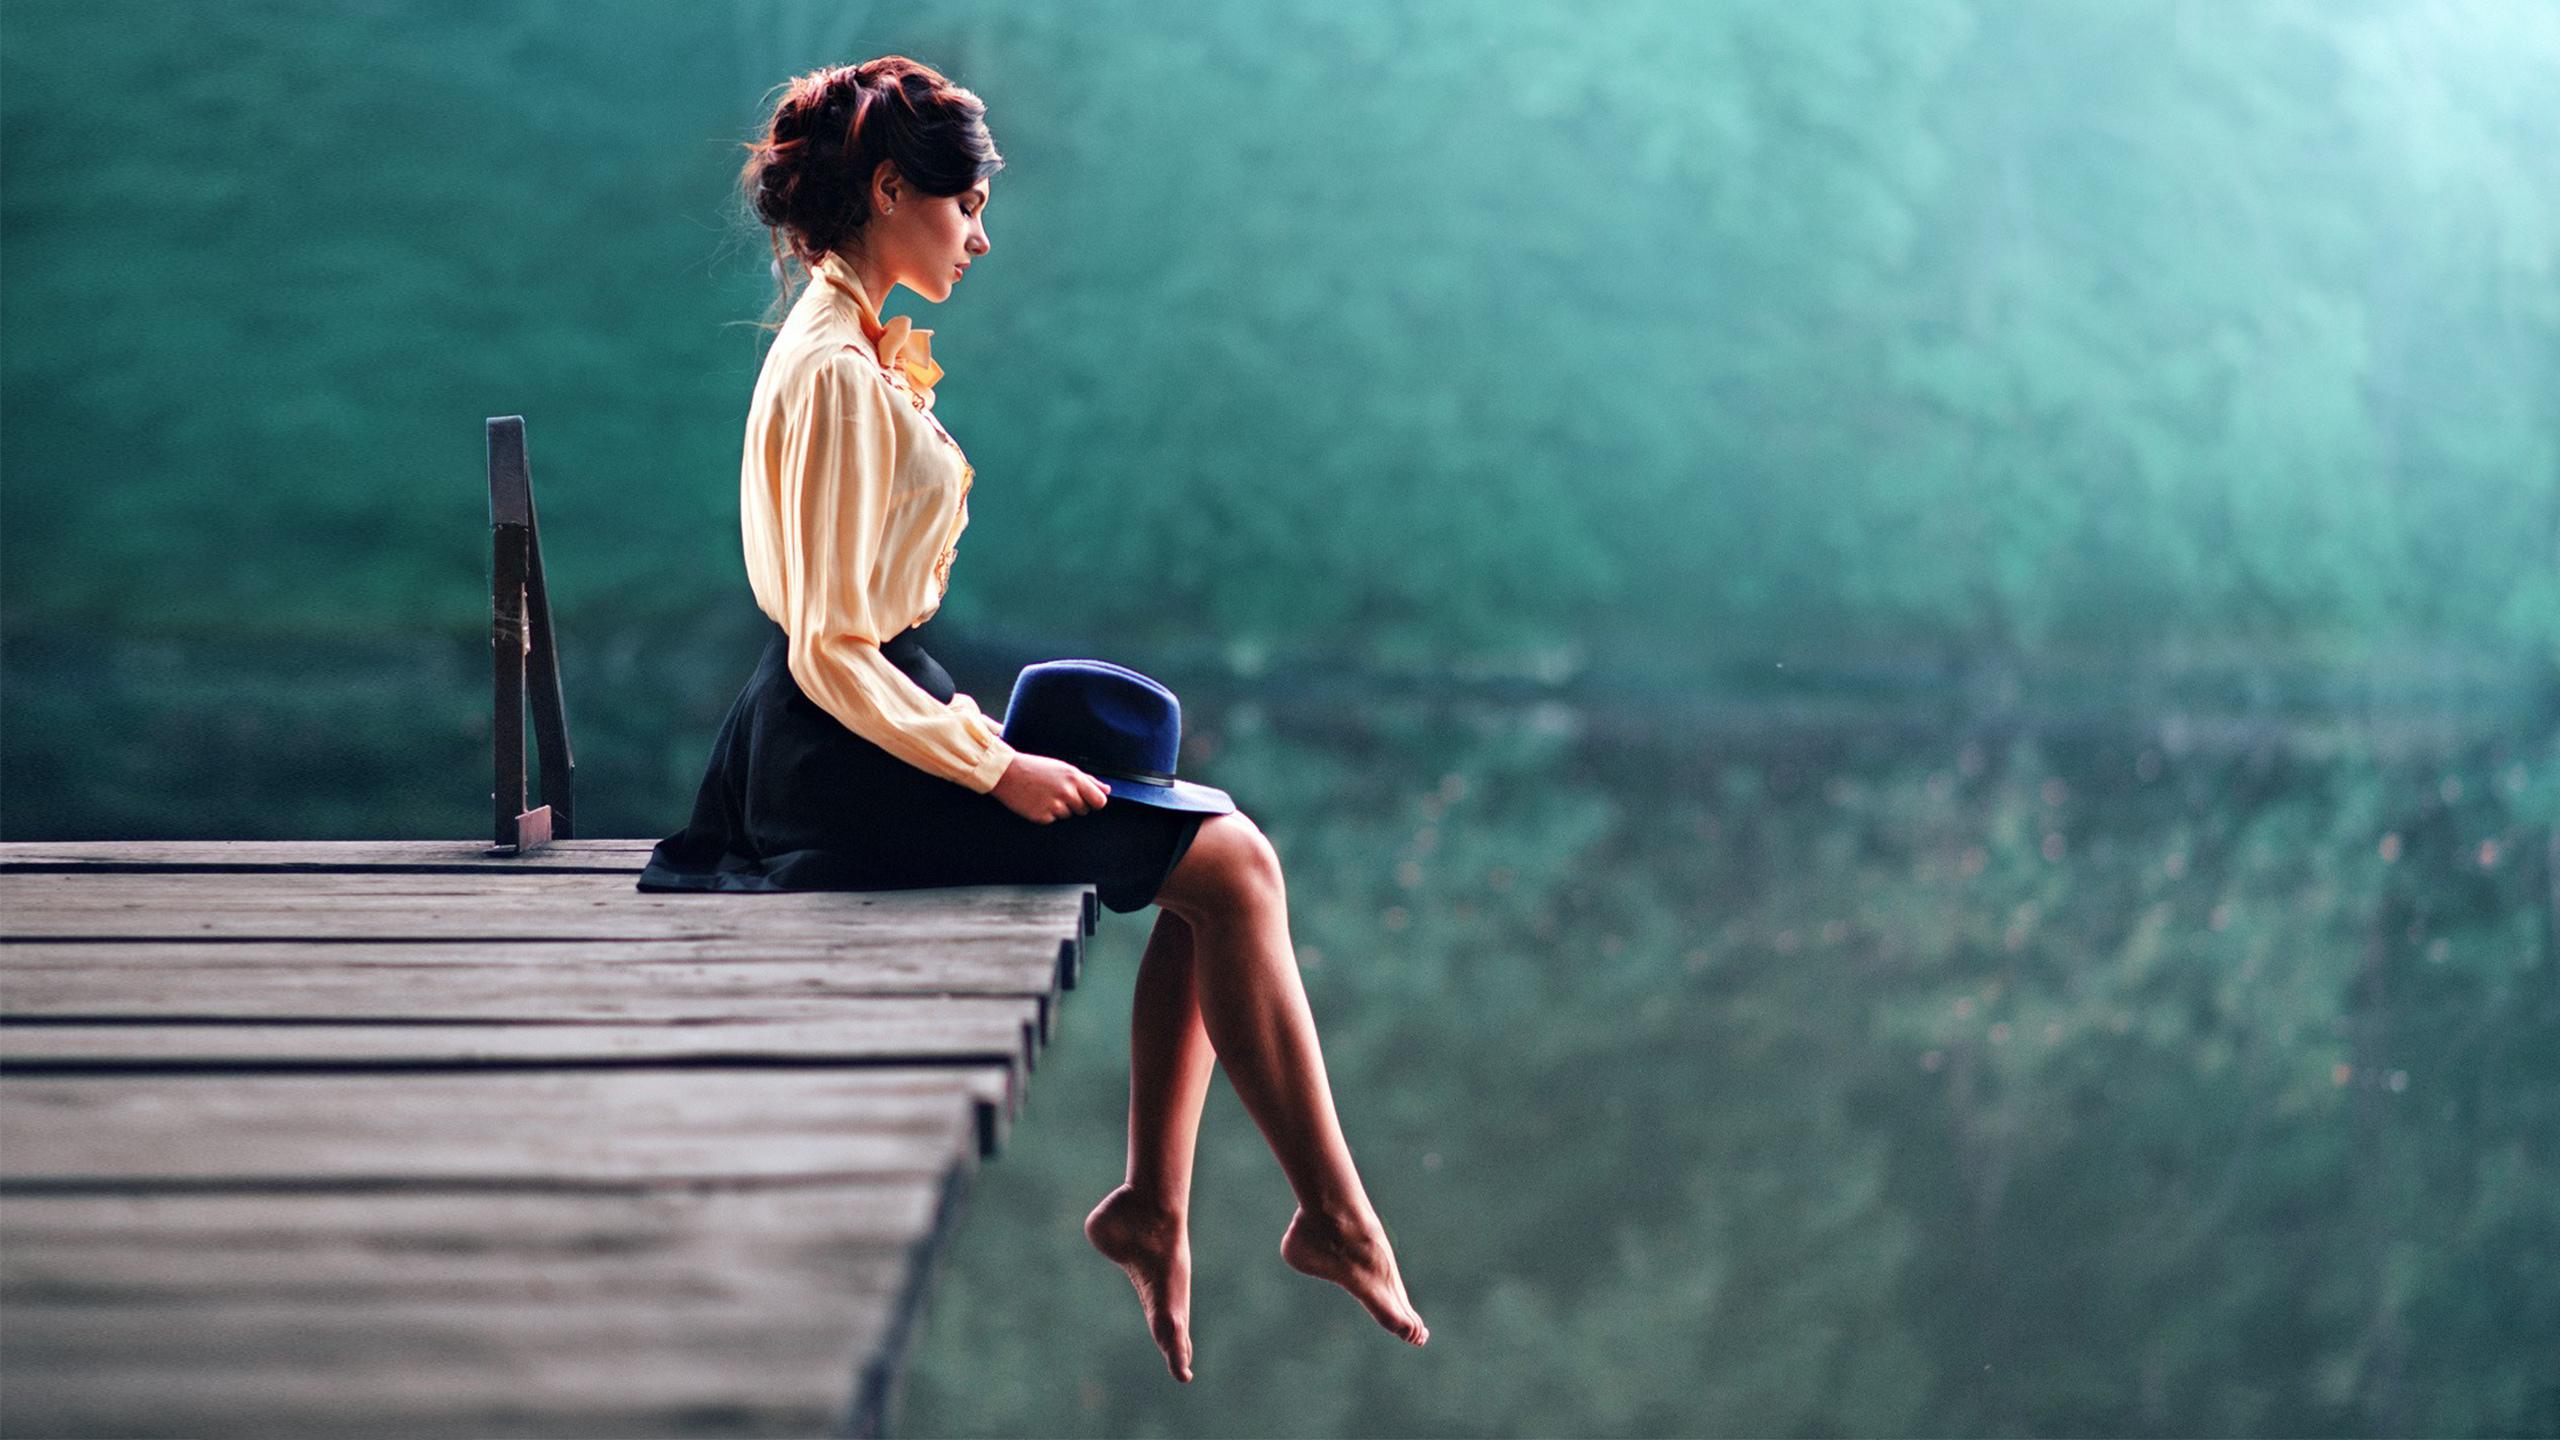 Мечтающая девушка  № 1959426 загрузить